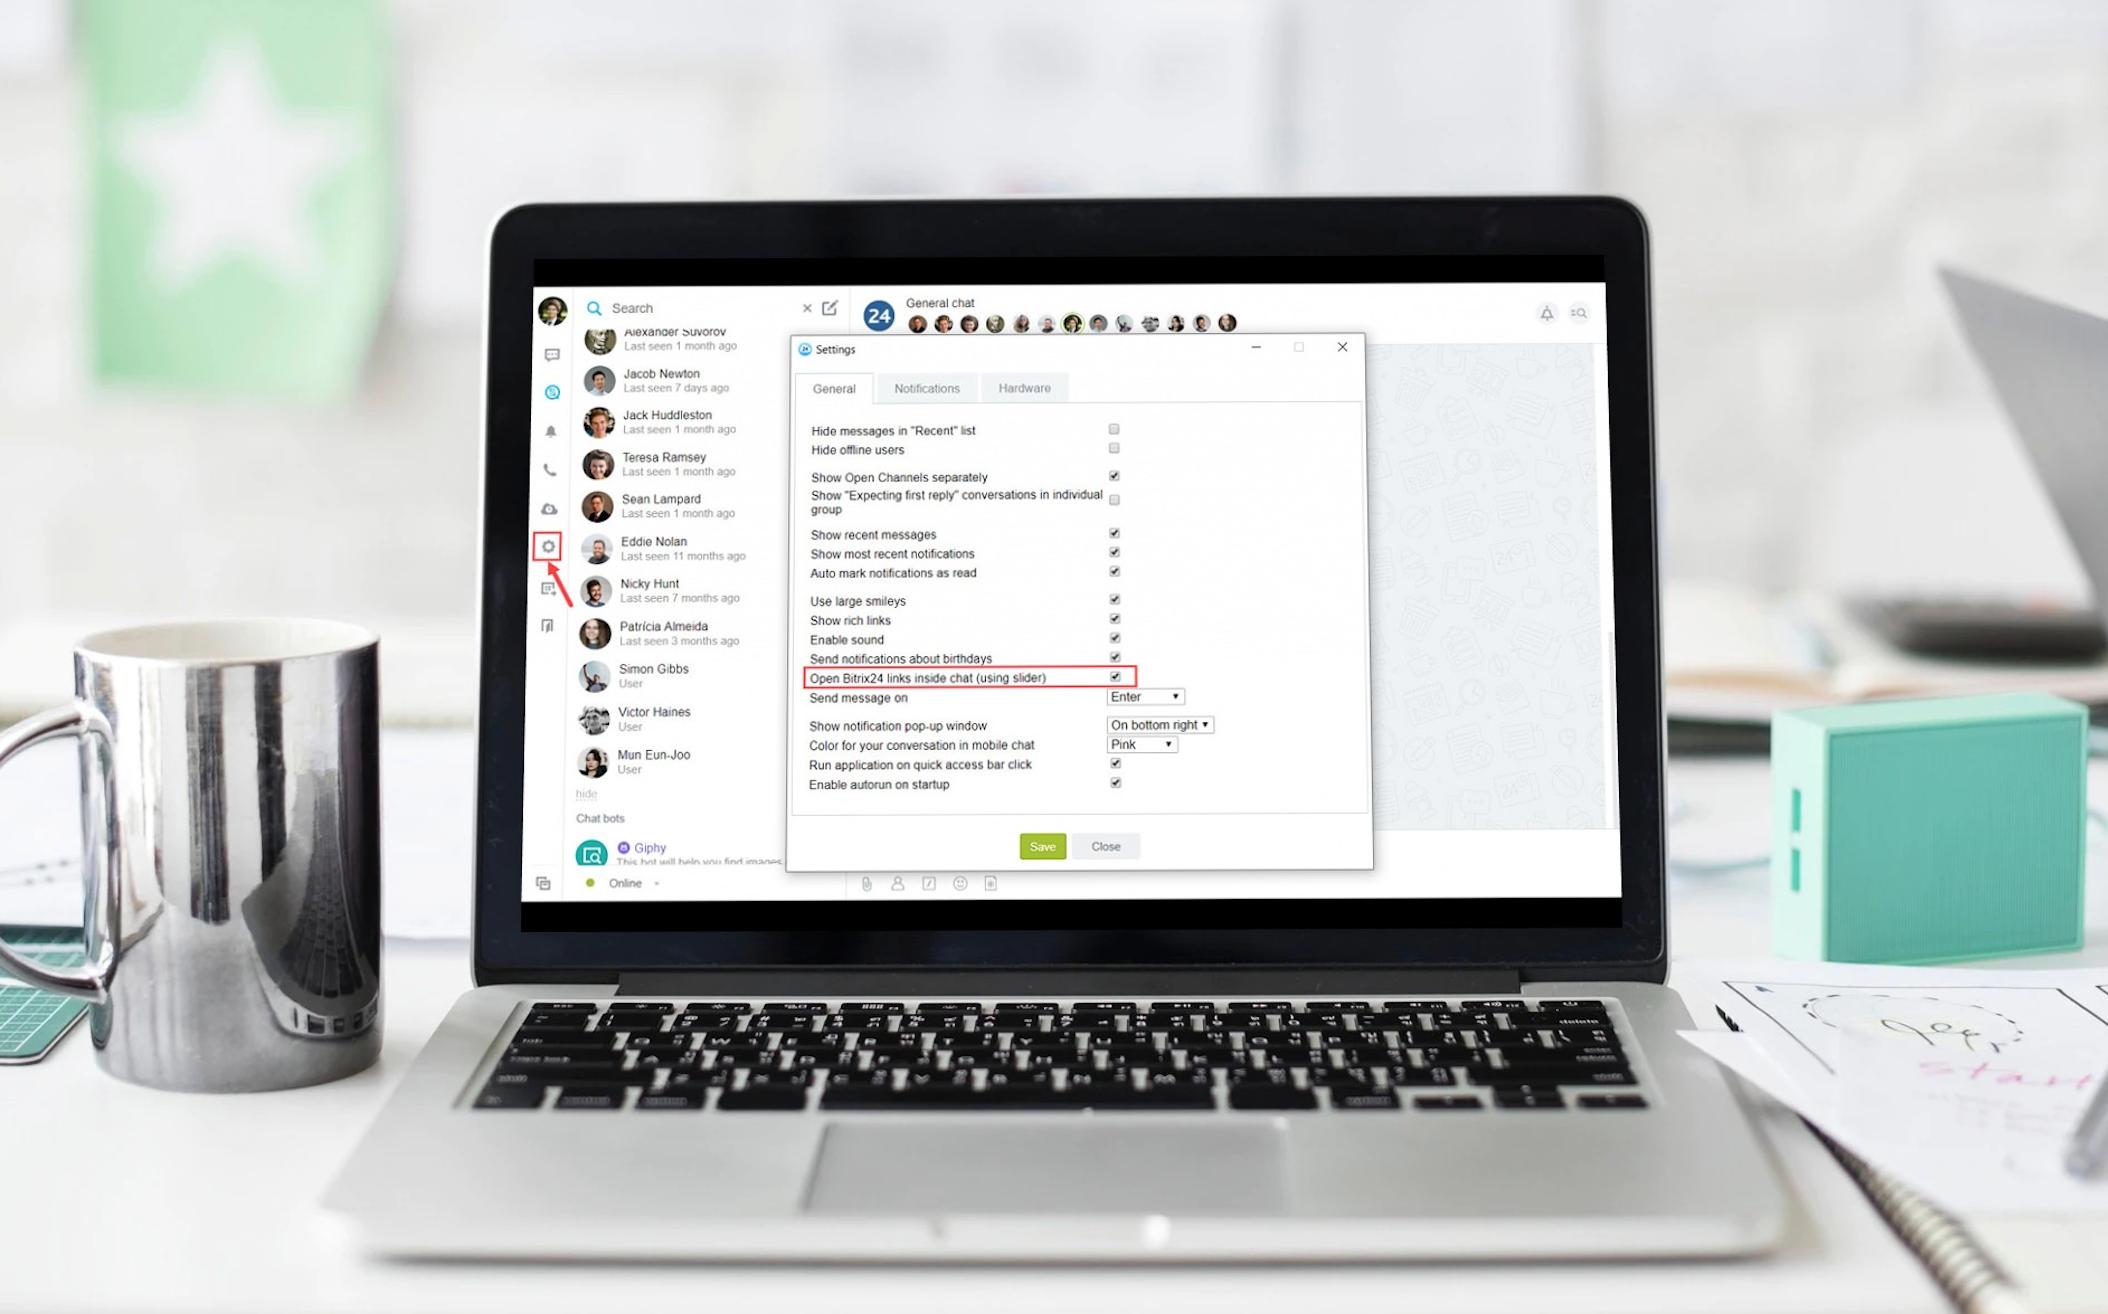 Bitrix24 Desktop app update